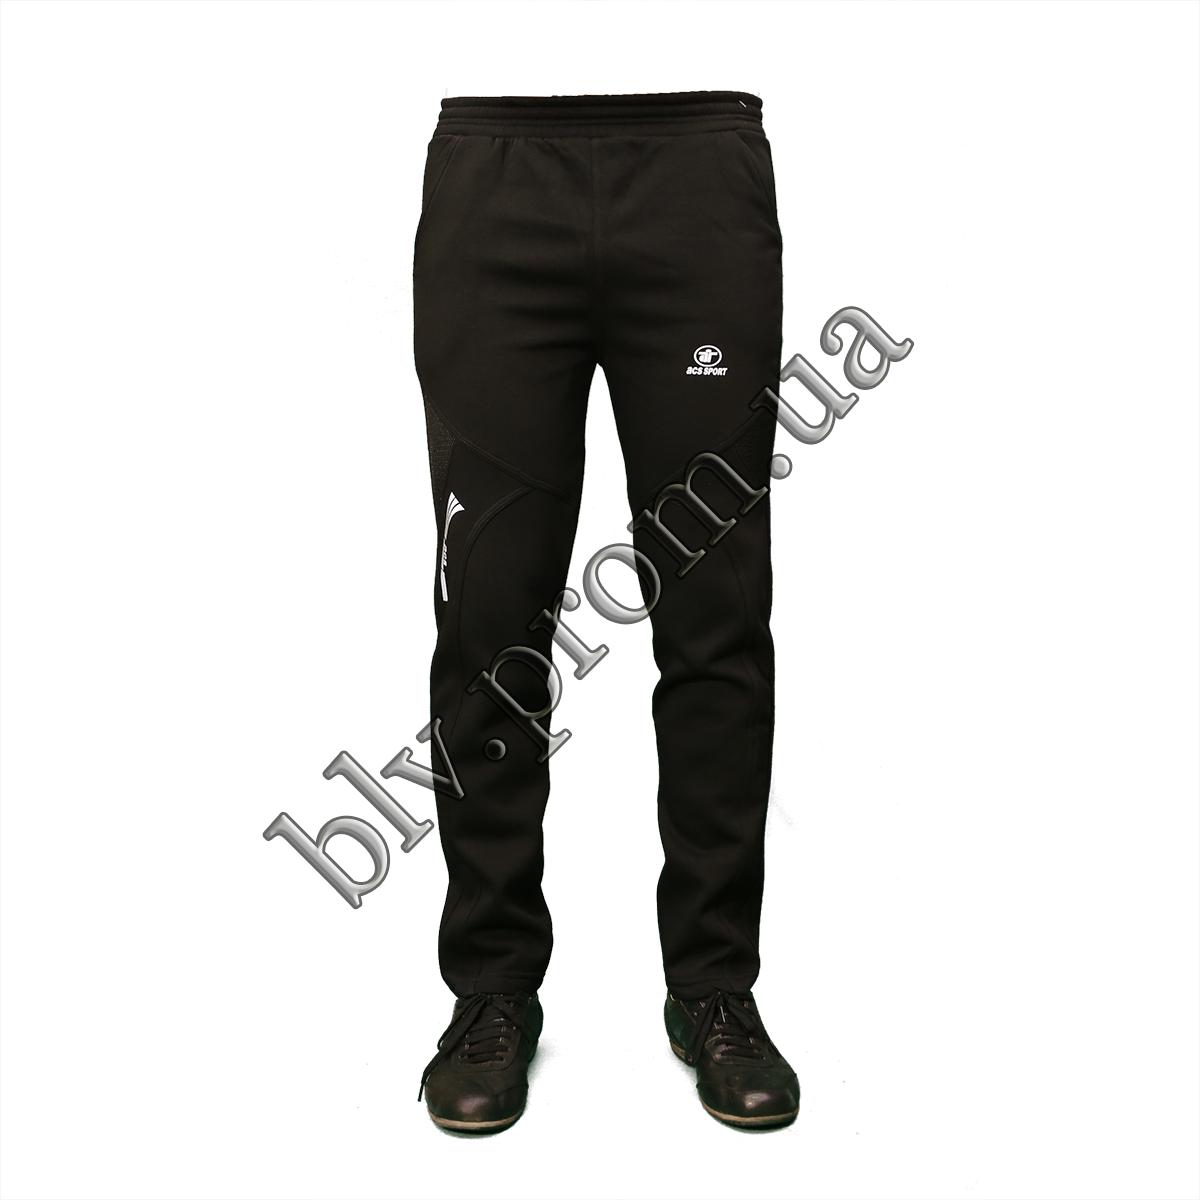 Теплые мужские молодежные брюки байка KD685 Black